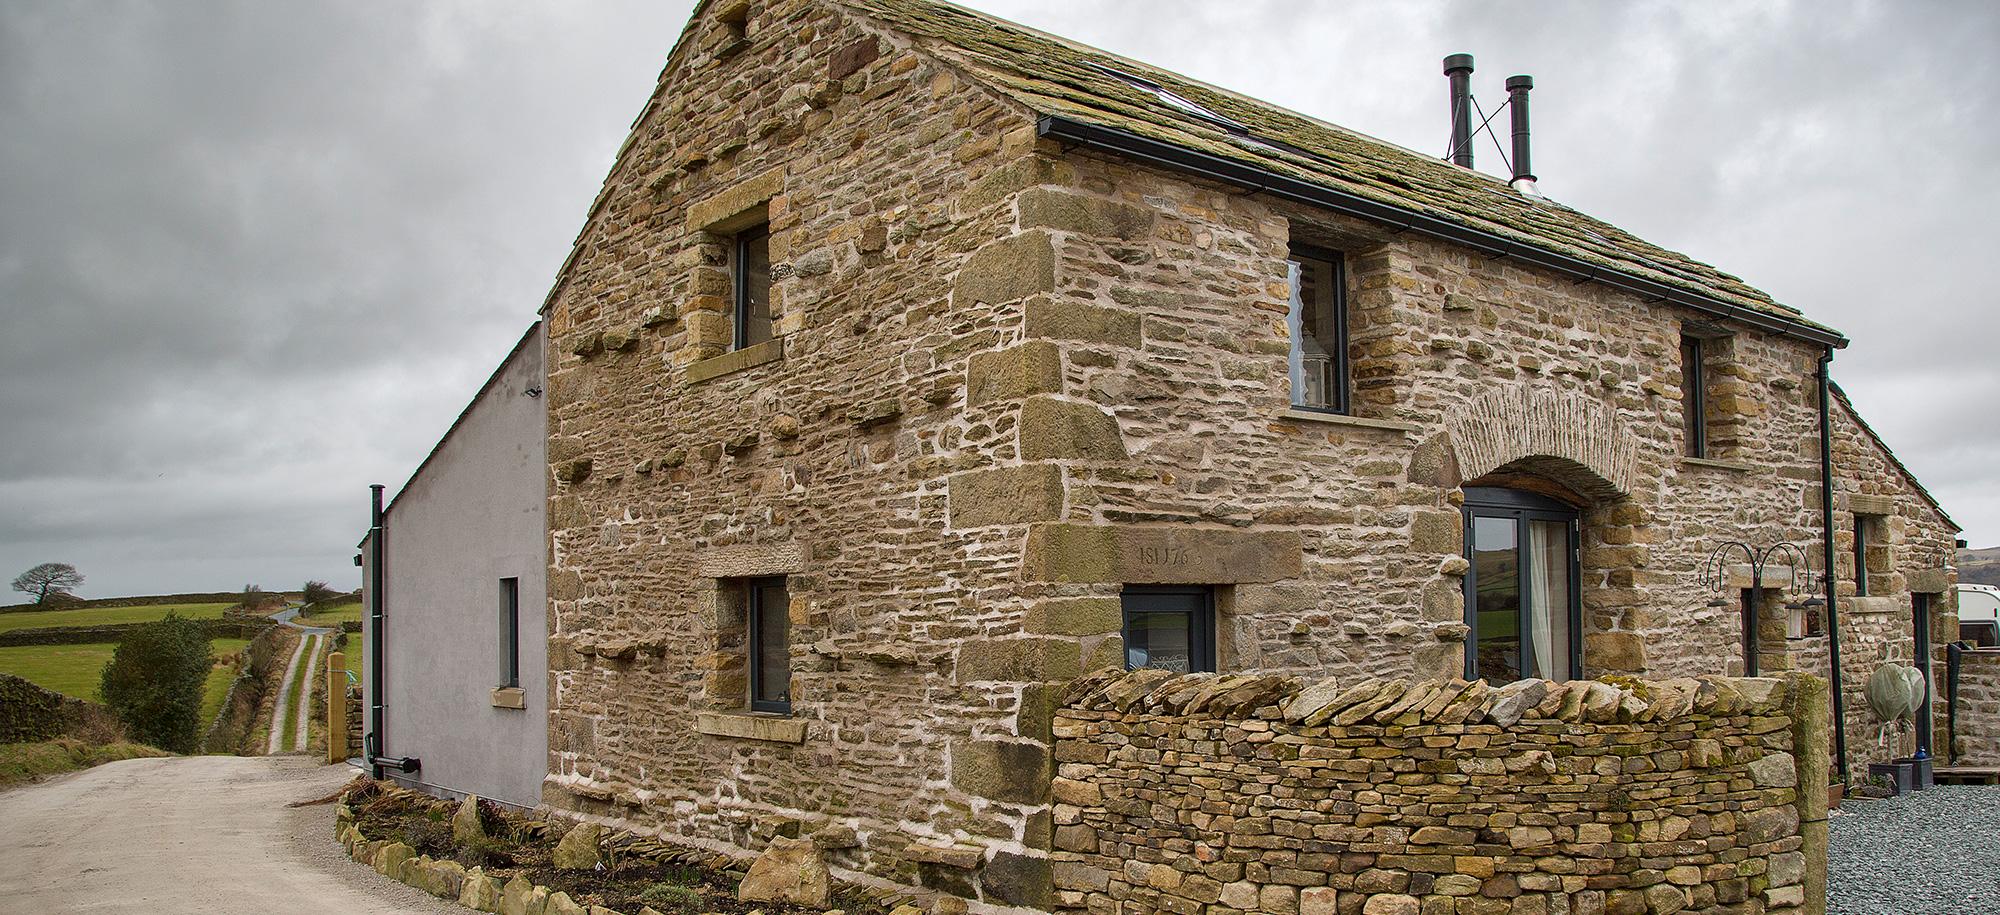 Higher Blaithwaite Barn